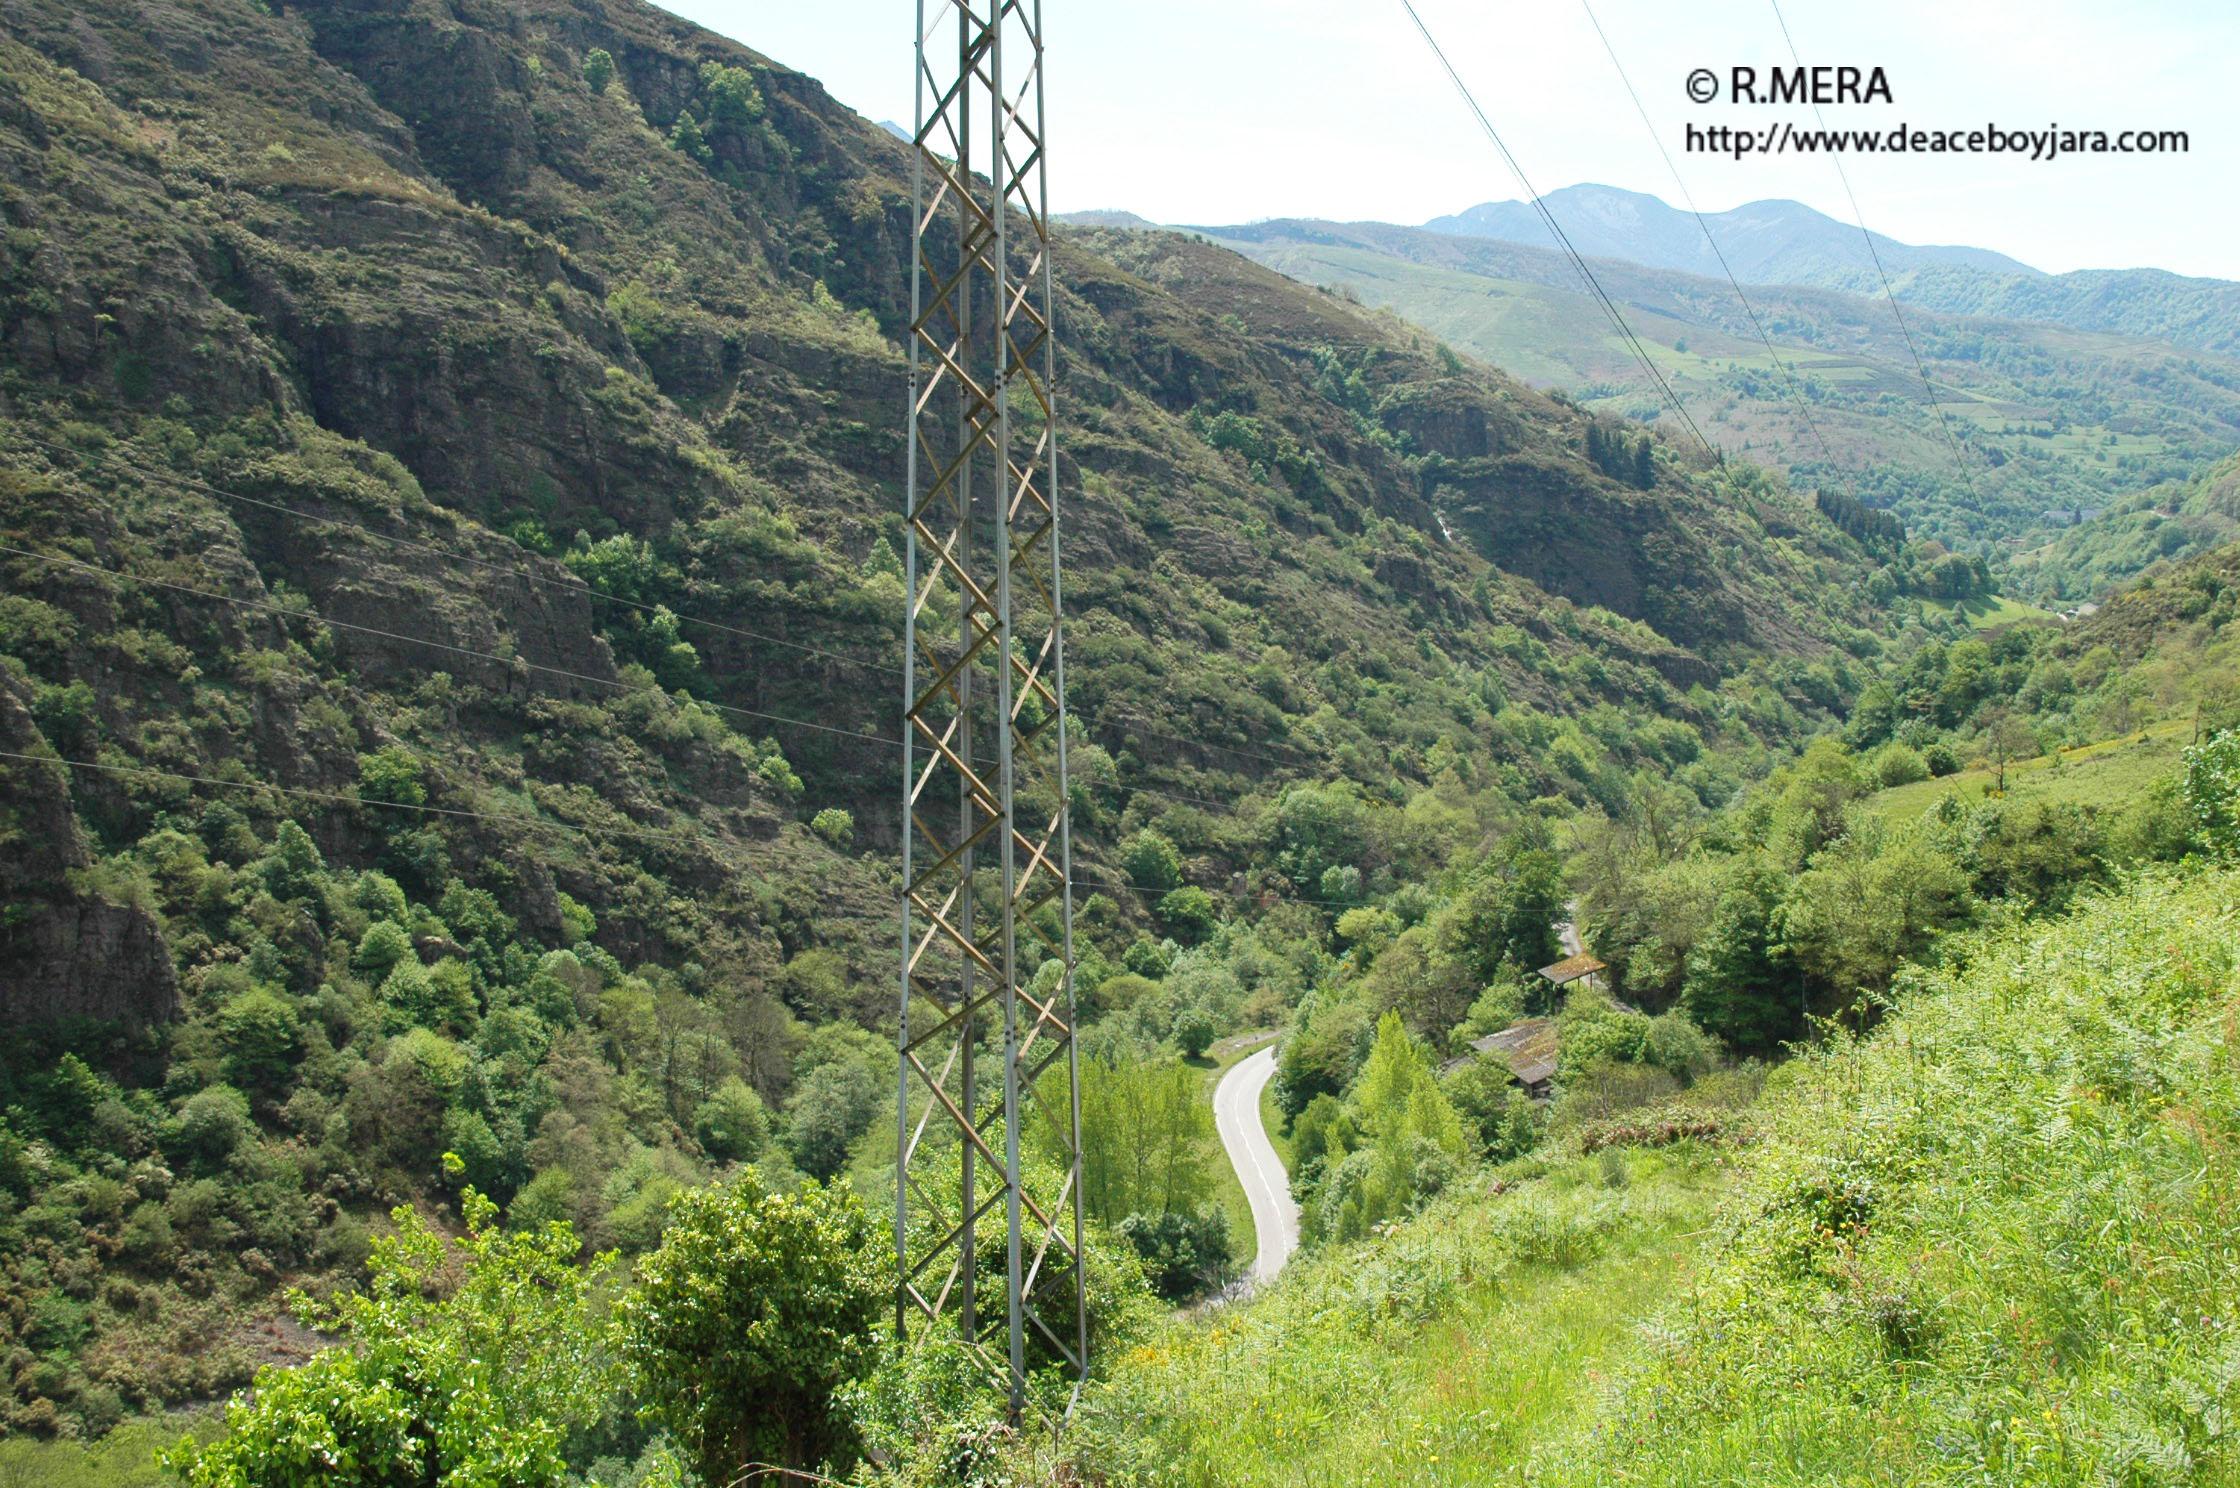 SUROCCIDENTE.- El Principado reparte 117.000€ para espacios naturales dejando fuera el suroccidente por no contar con un IGI